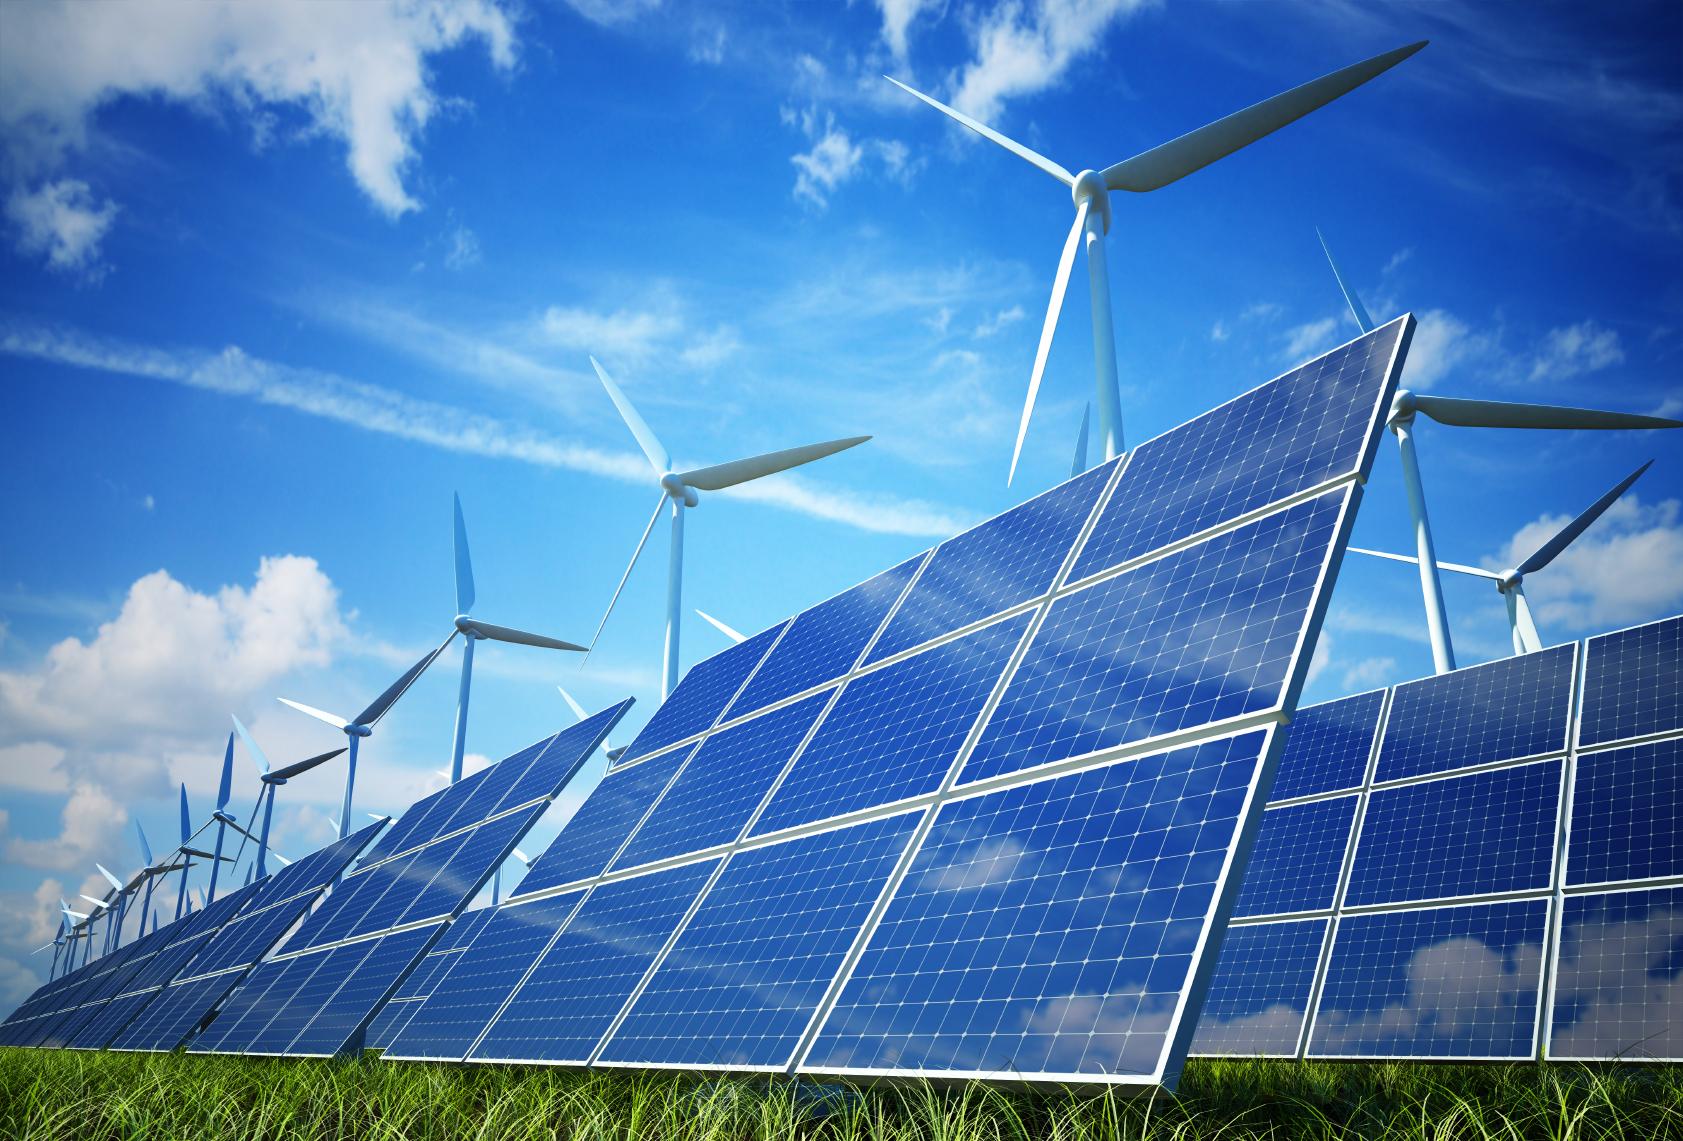 investment-solar-wind-energy.jpg